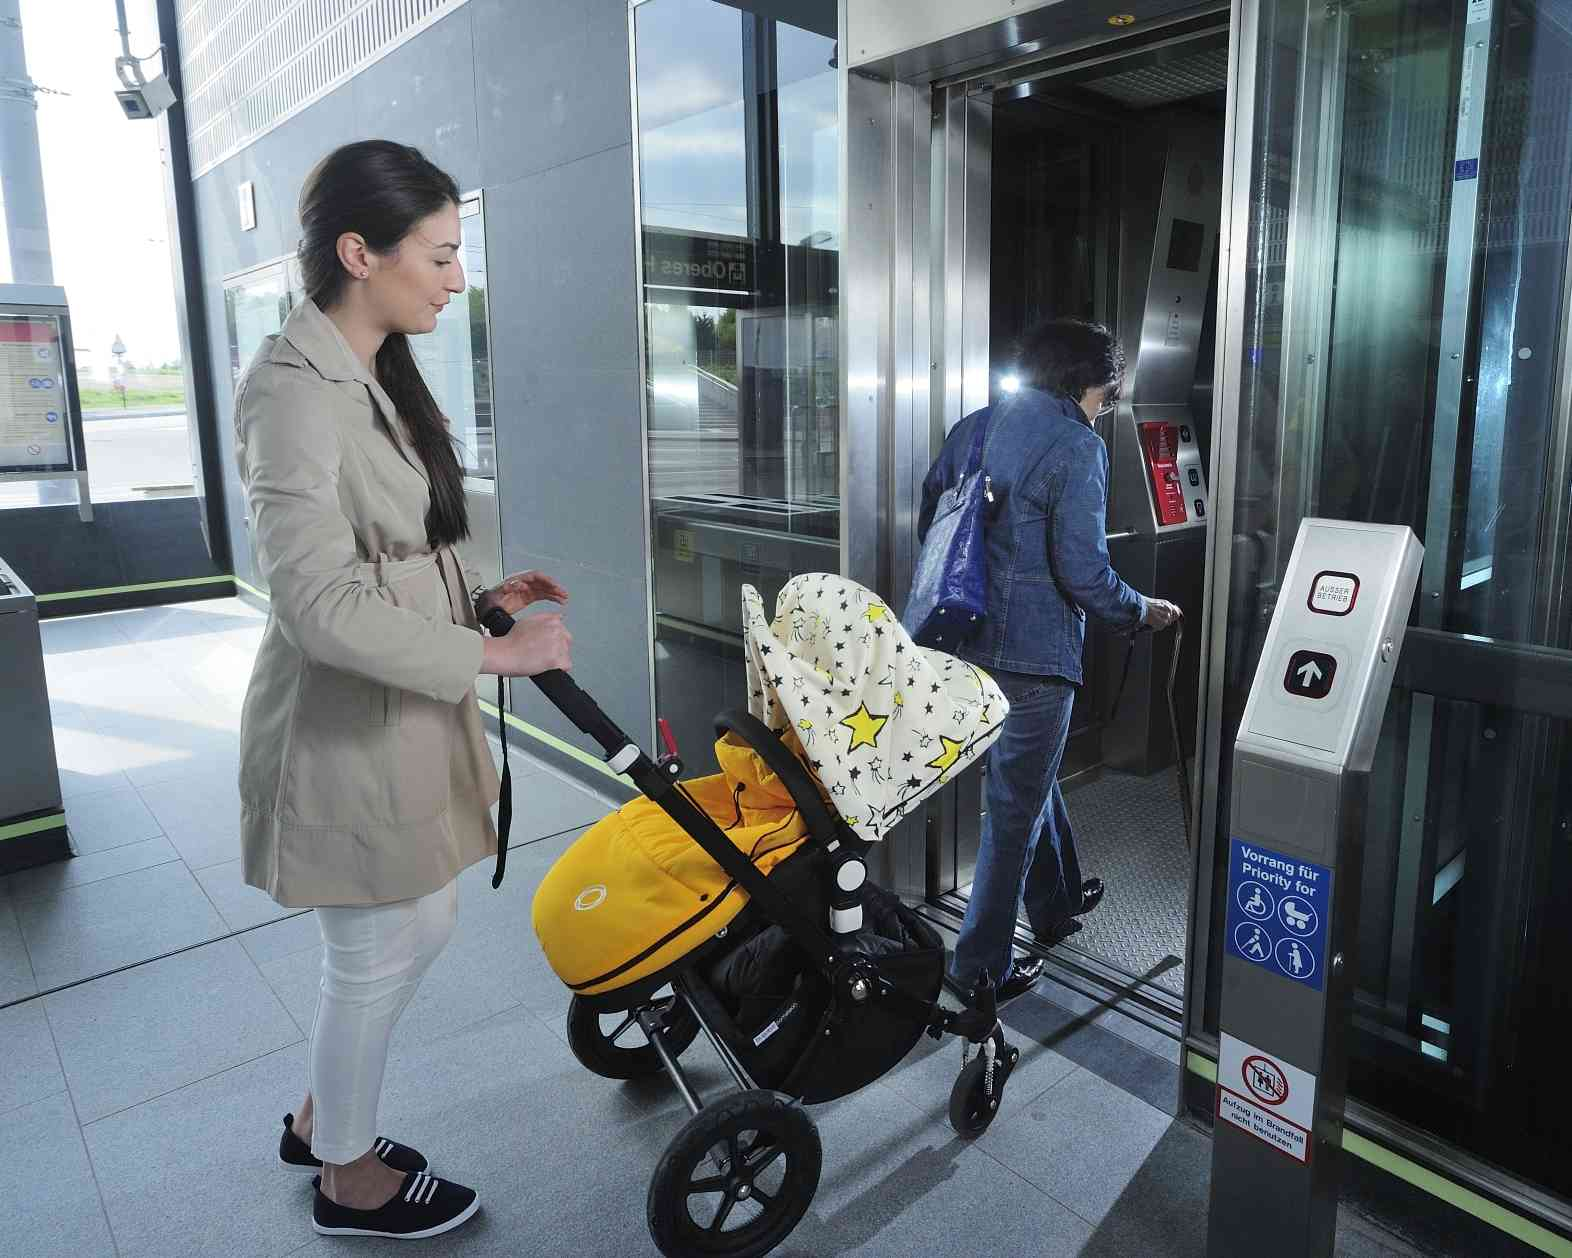 Sticker an den Aufzügen weisen darauf hin, welche Personengruppe Vorrang haben.